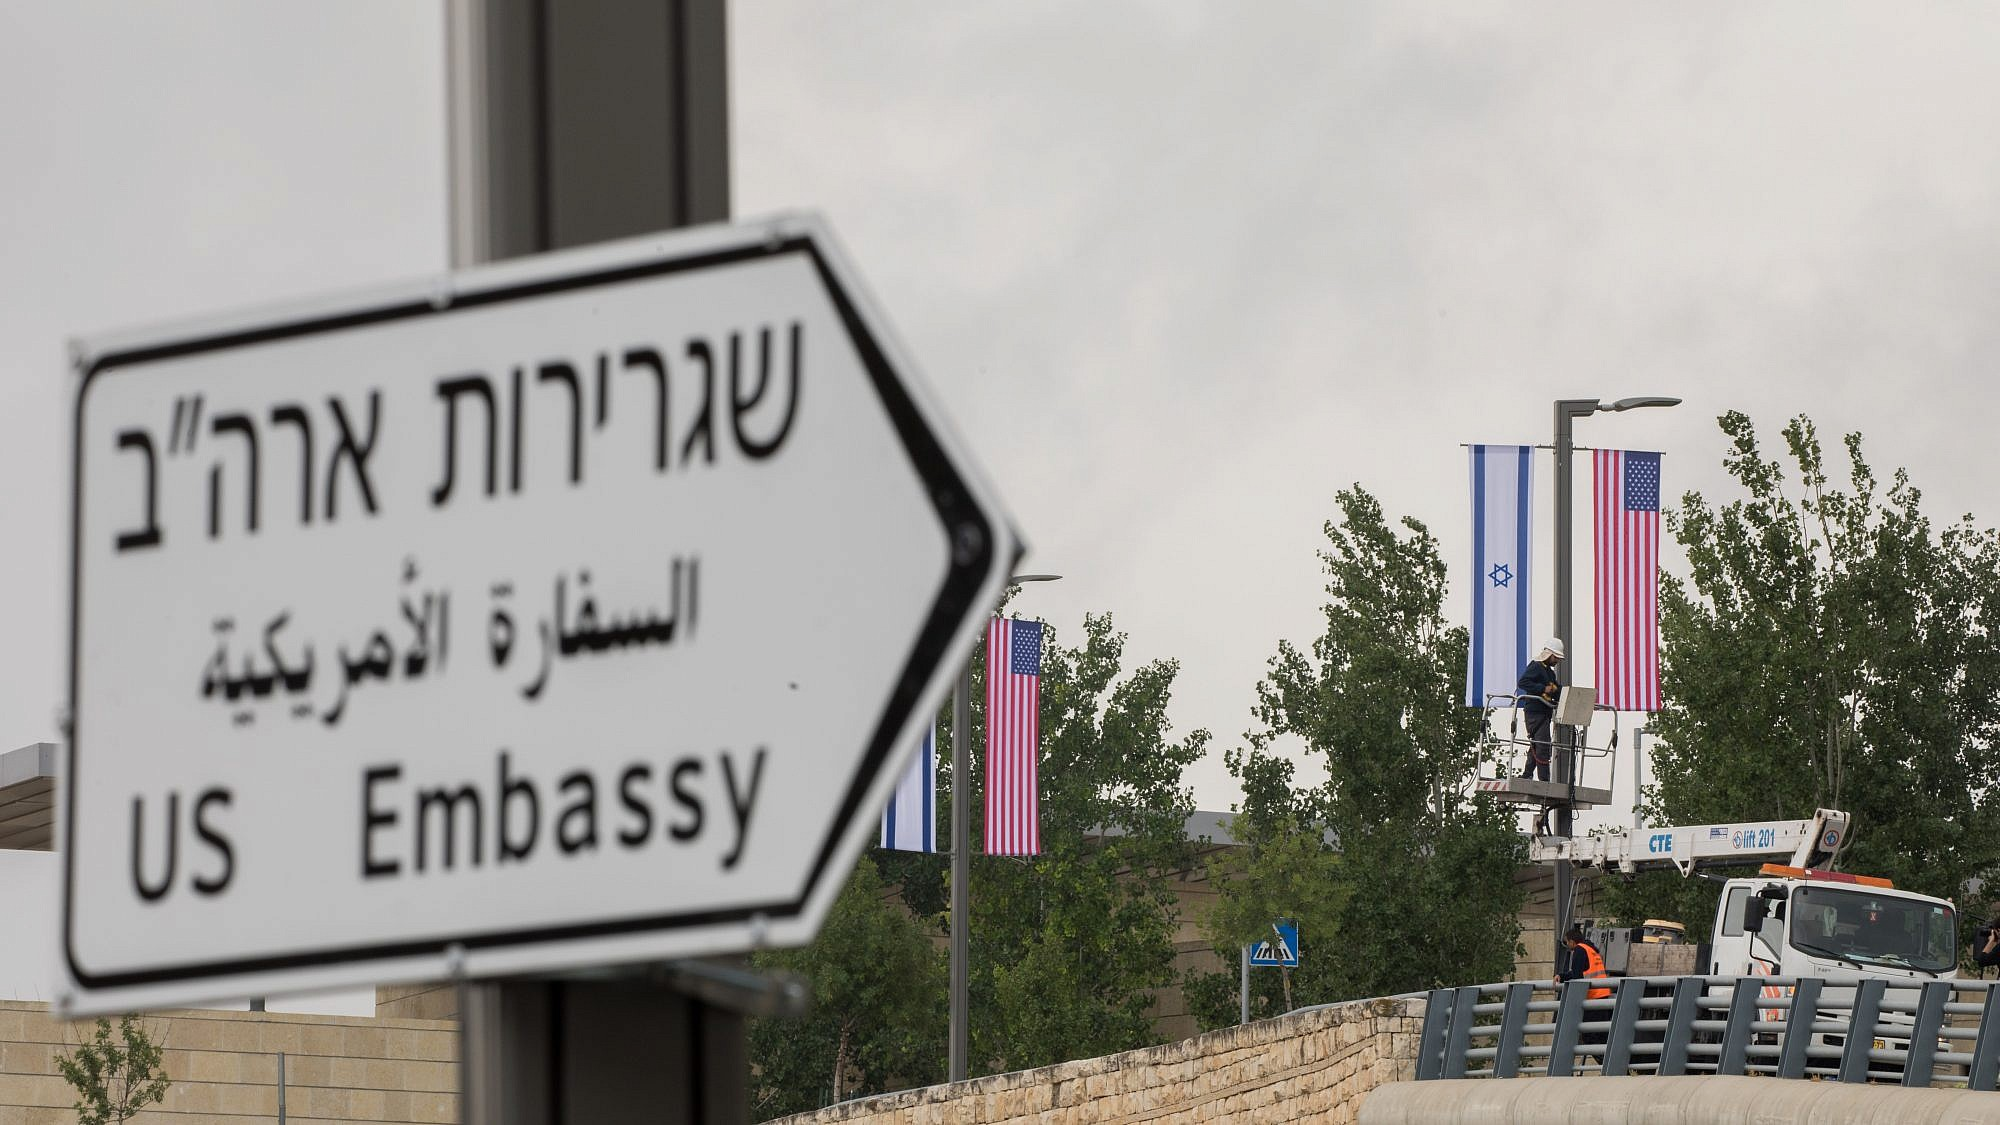 El traslado de la Embajada de EE.UU. a Jerusalén: Corregir un error diplomático – Por Profesor Eytan Gilboa (BESA)